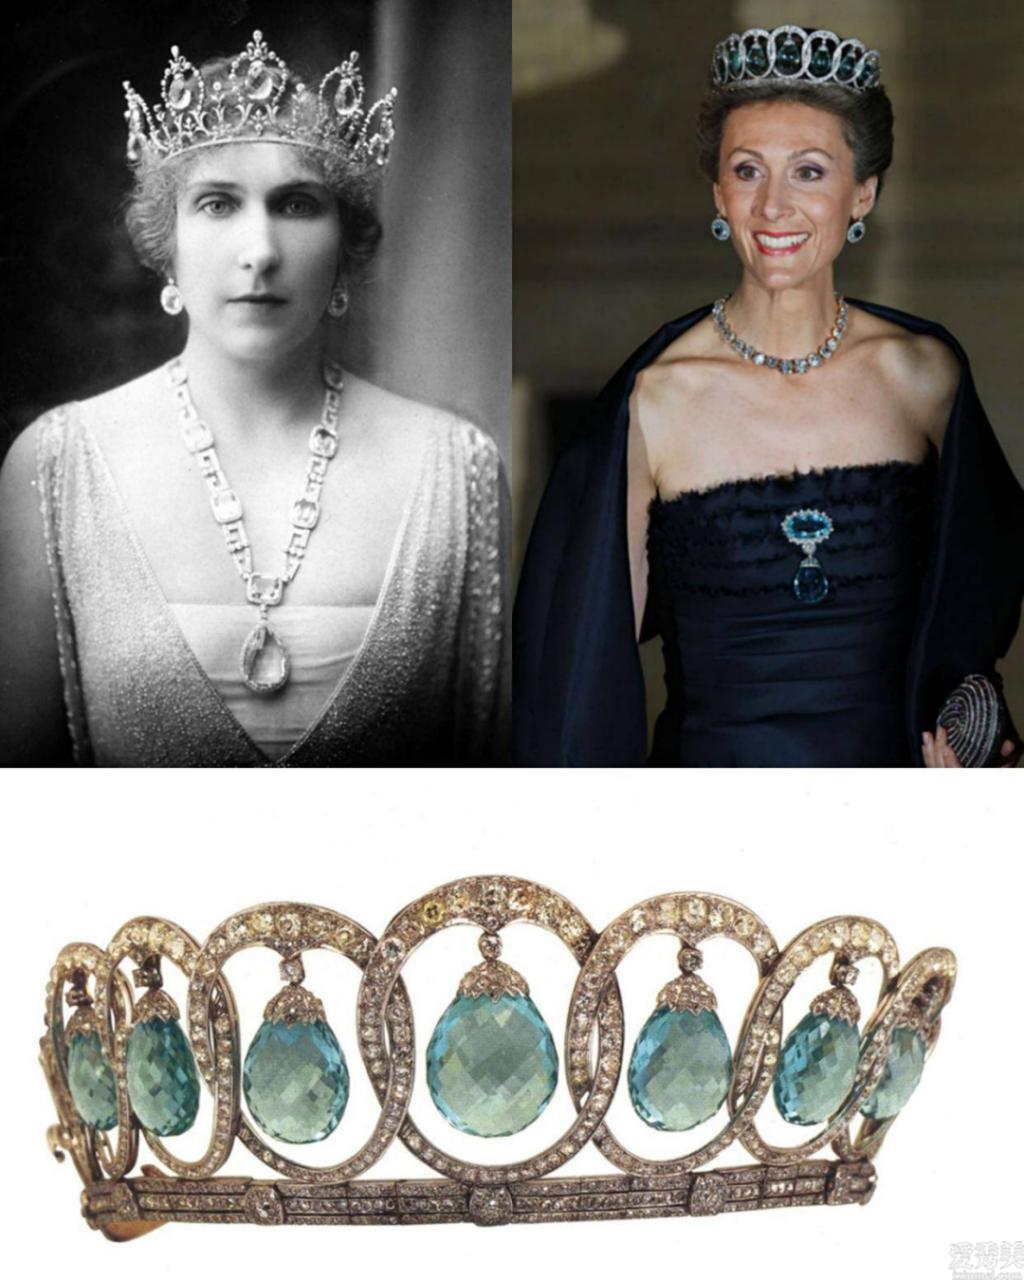 歐洲王室鐘愛海藍寶頸鏈和冠冕,僅因美若天仙海藍寶石更強看